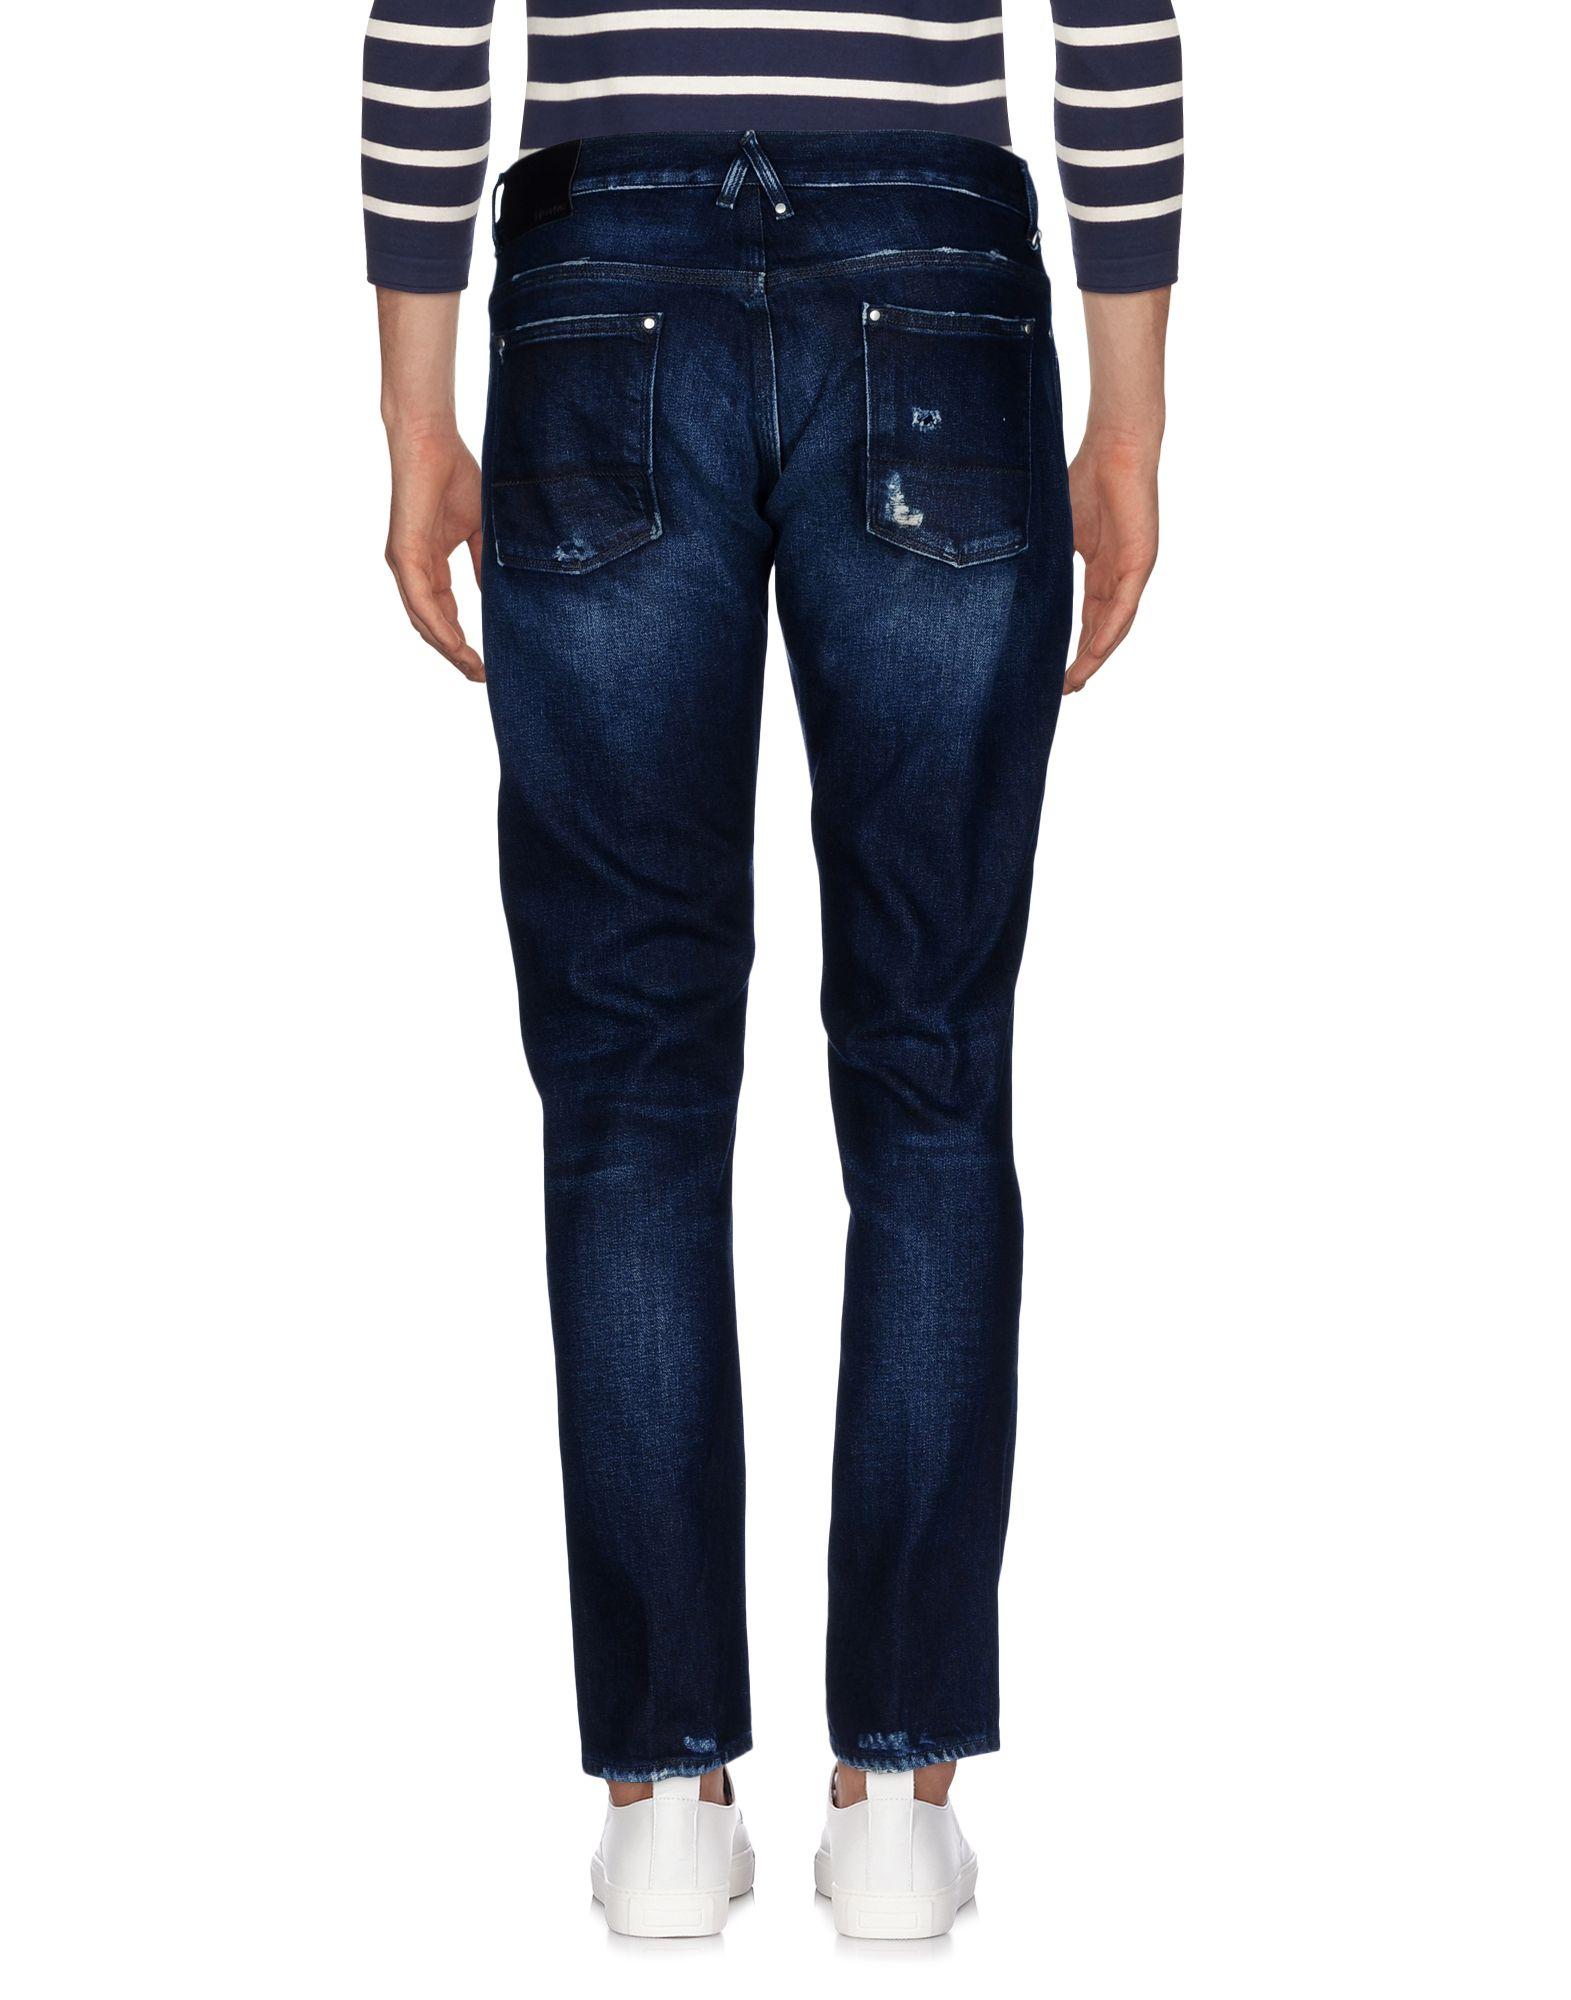 Pantaloni Jeans Uomo Cycle Uomo Jeans - 42648540EG 57224a